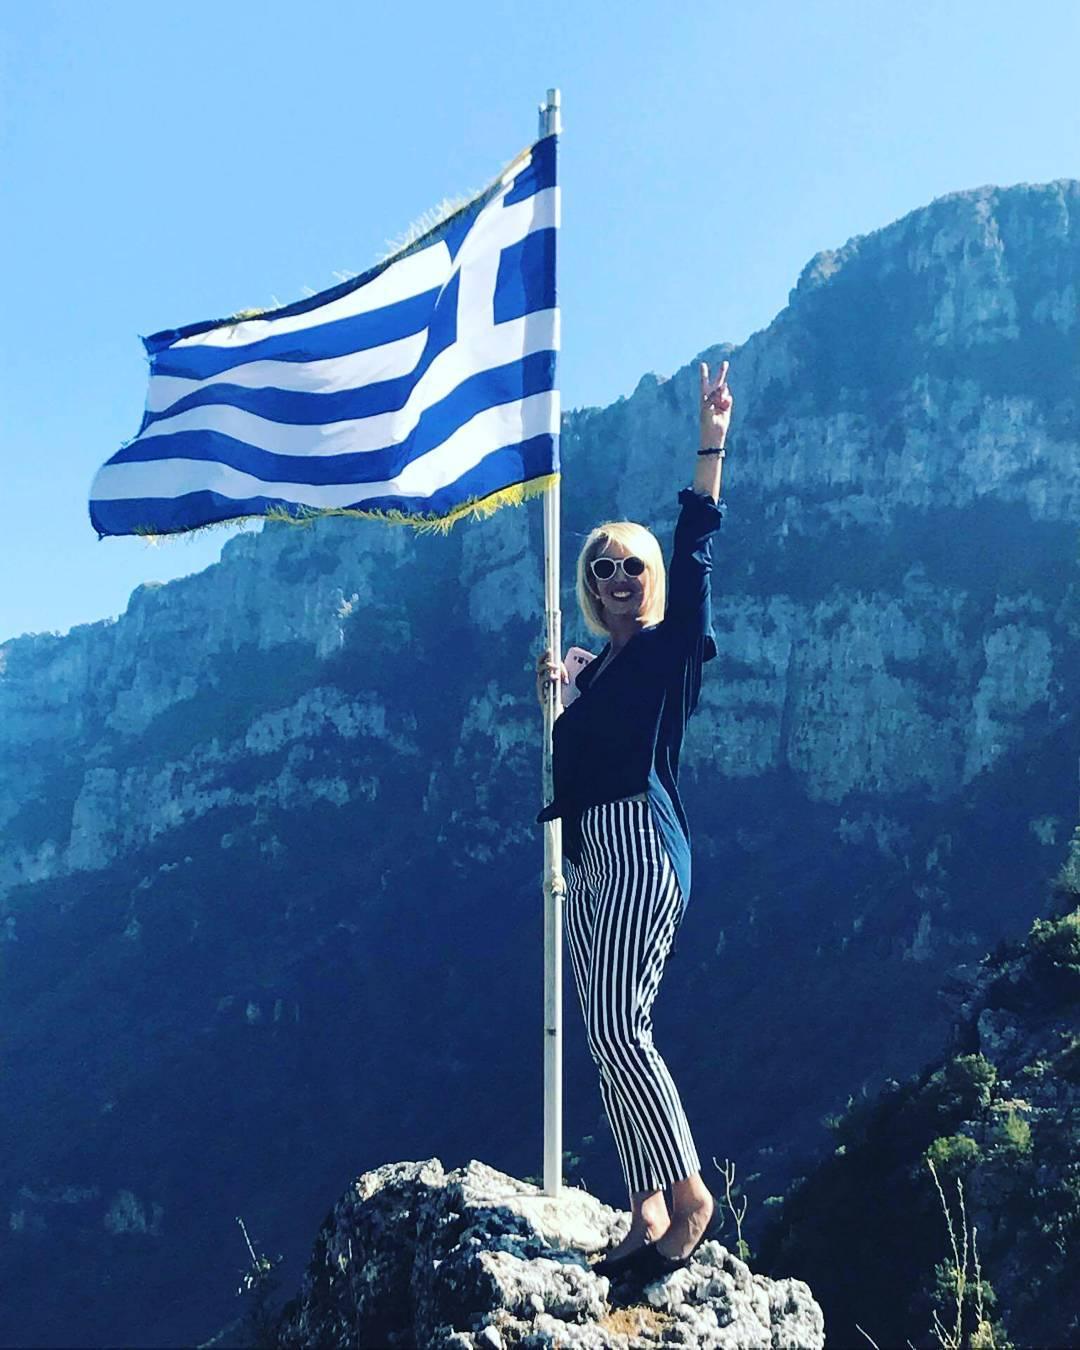 Η Κατερίνα Μονογυιού σε μια από τις φωτογραφίες της στο Instagram